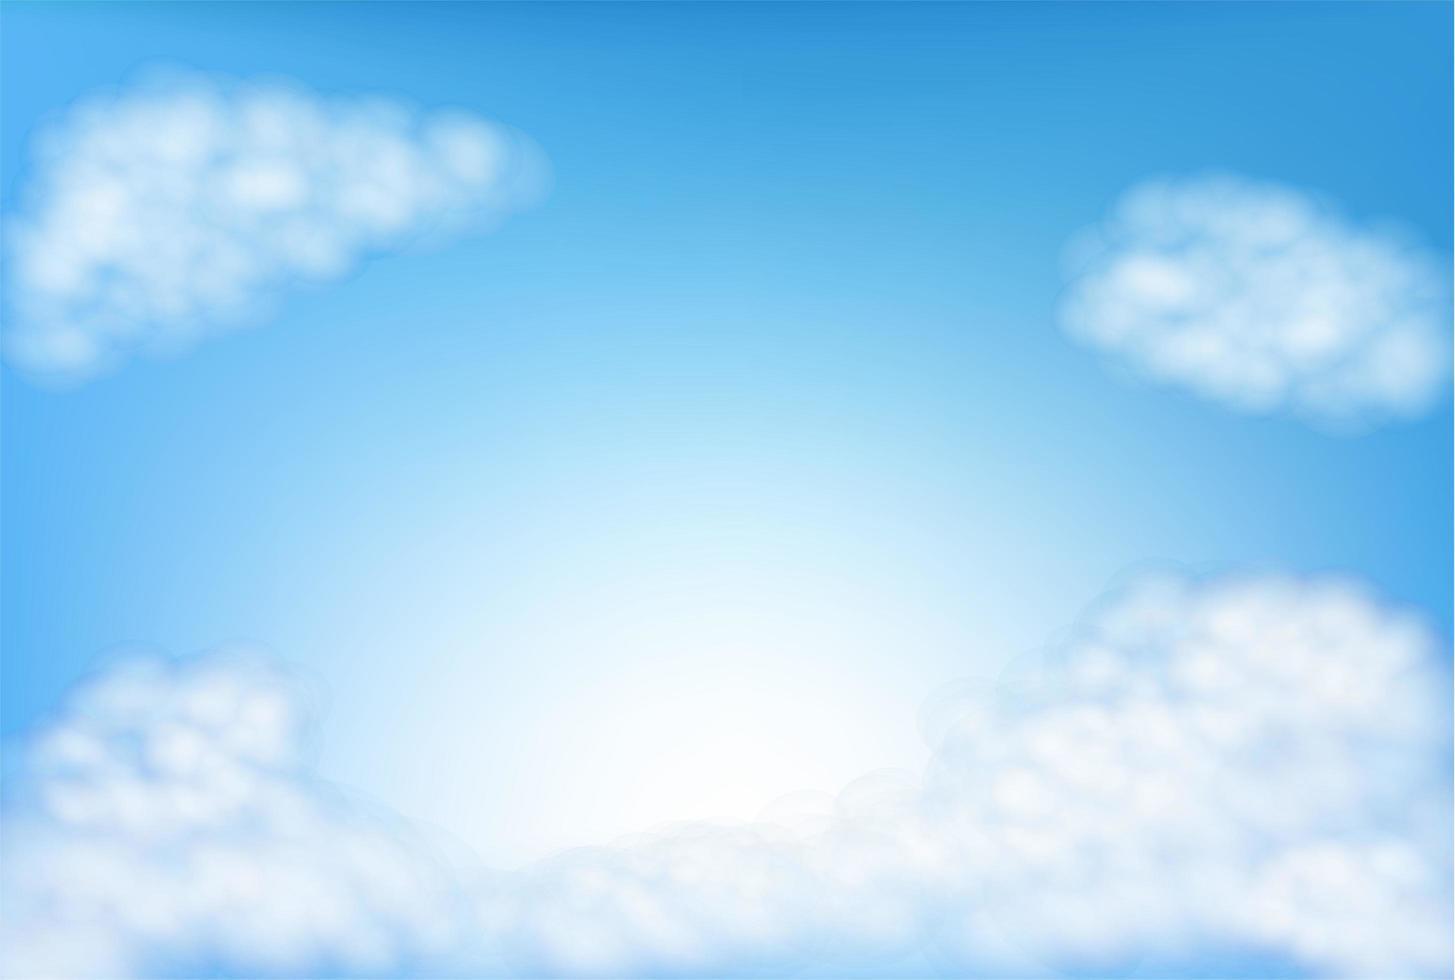 céu azul com nuvens fofas e espaço vazio vetor